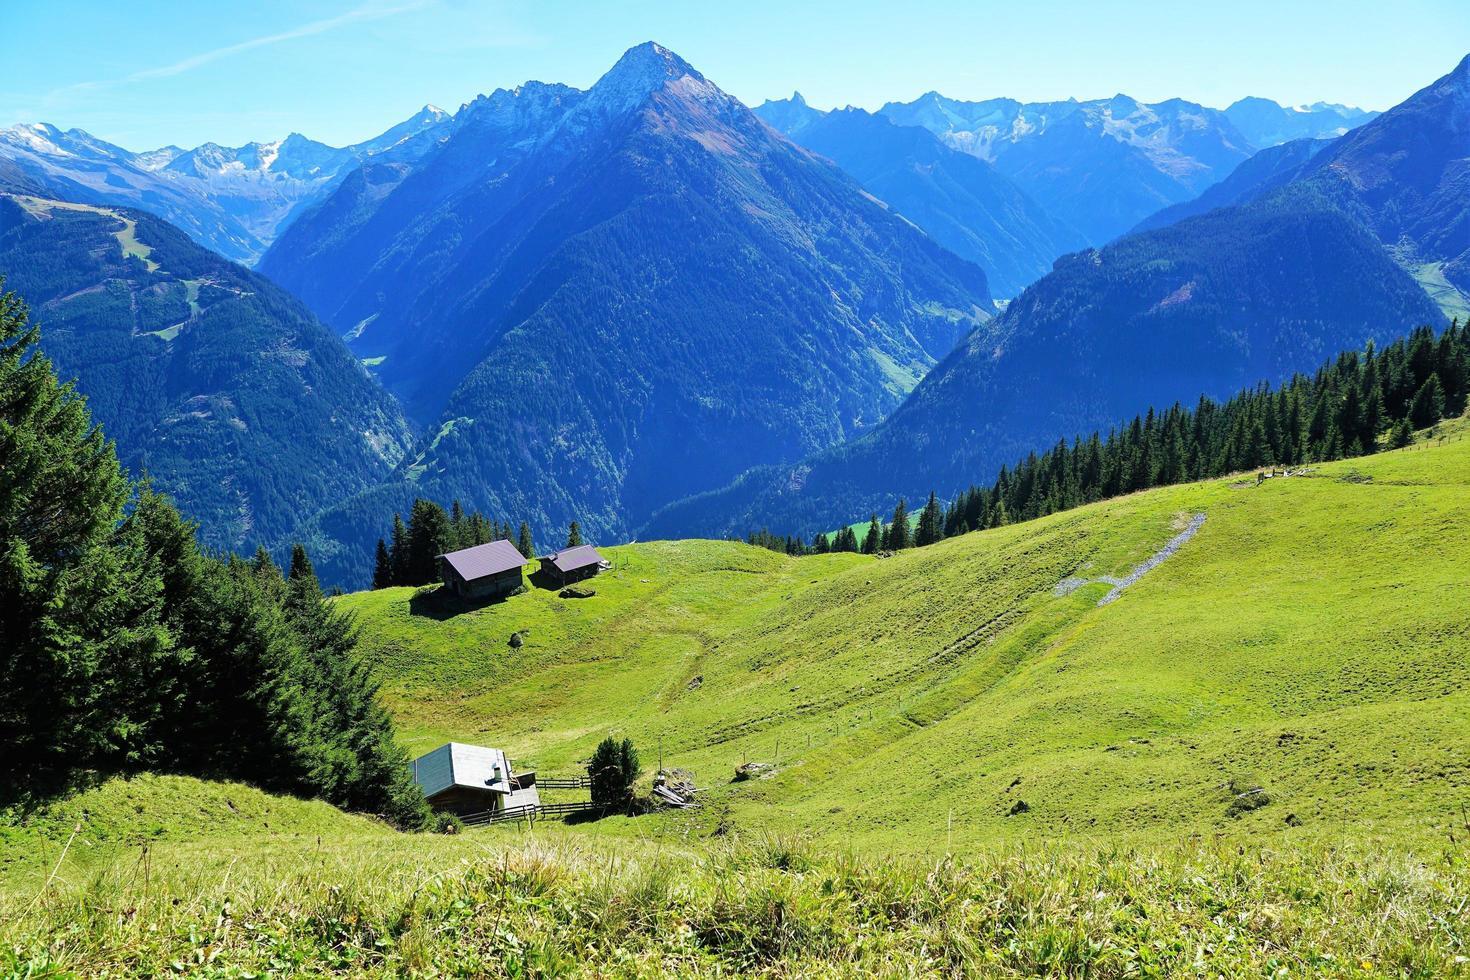 paisaje de verano en los alpes foto